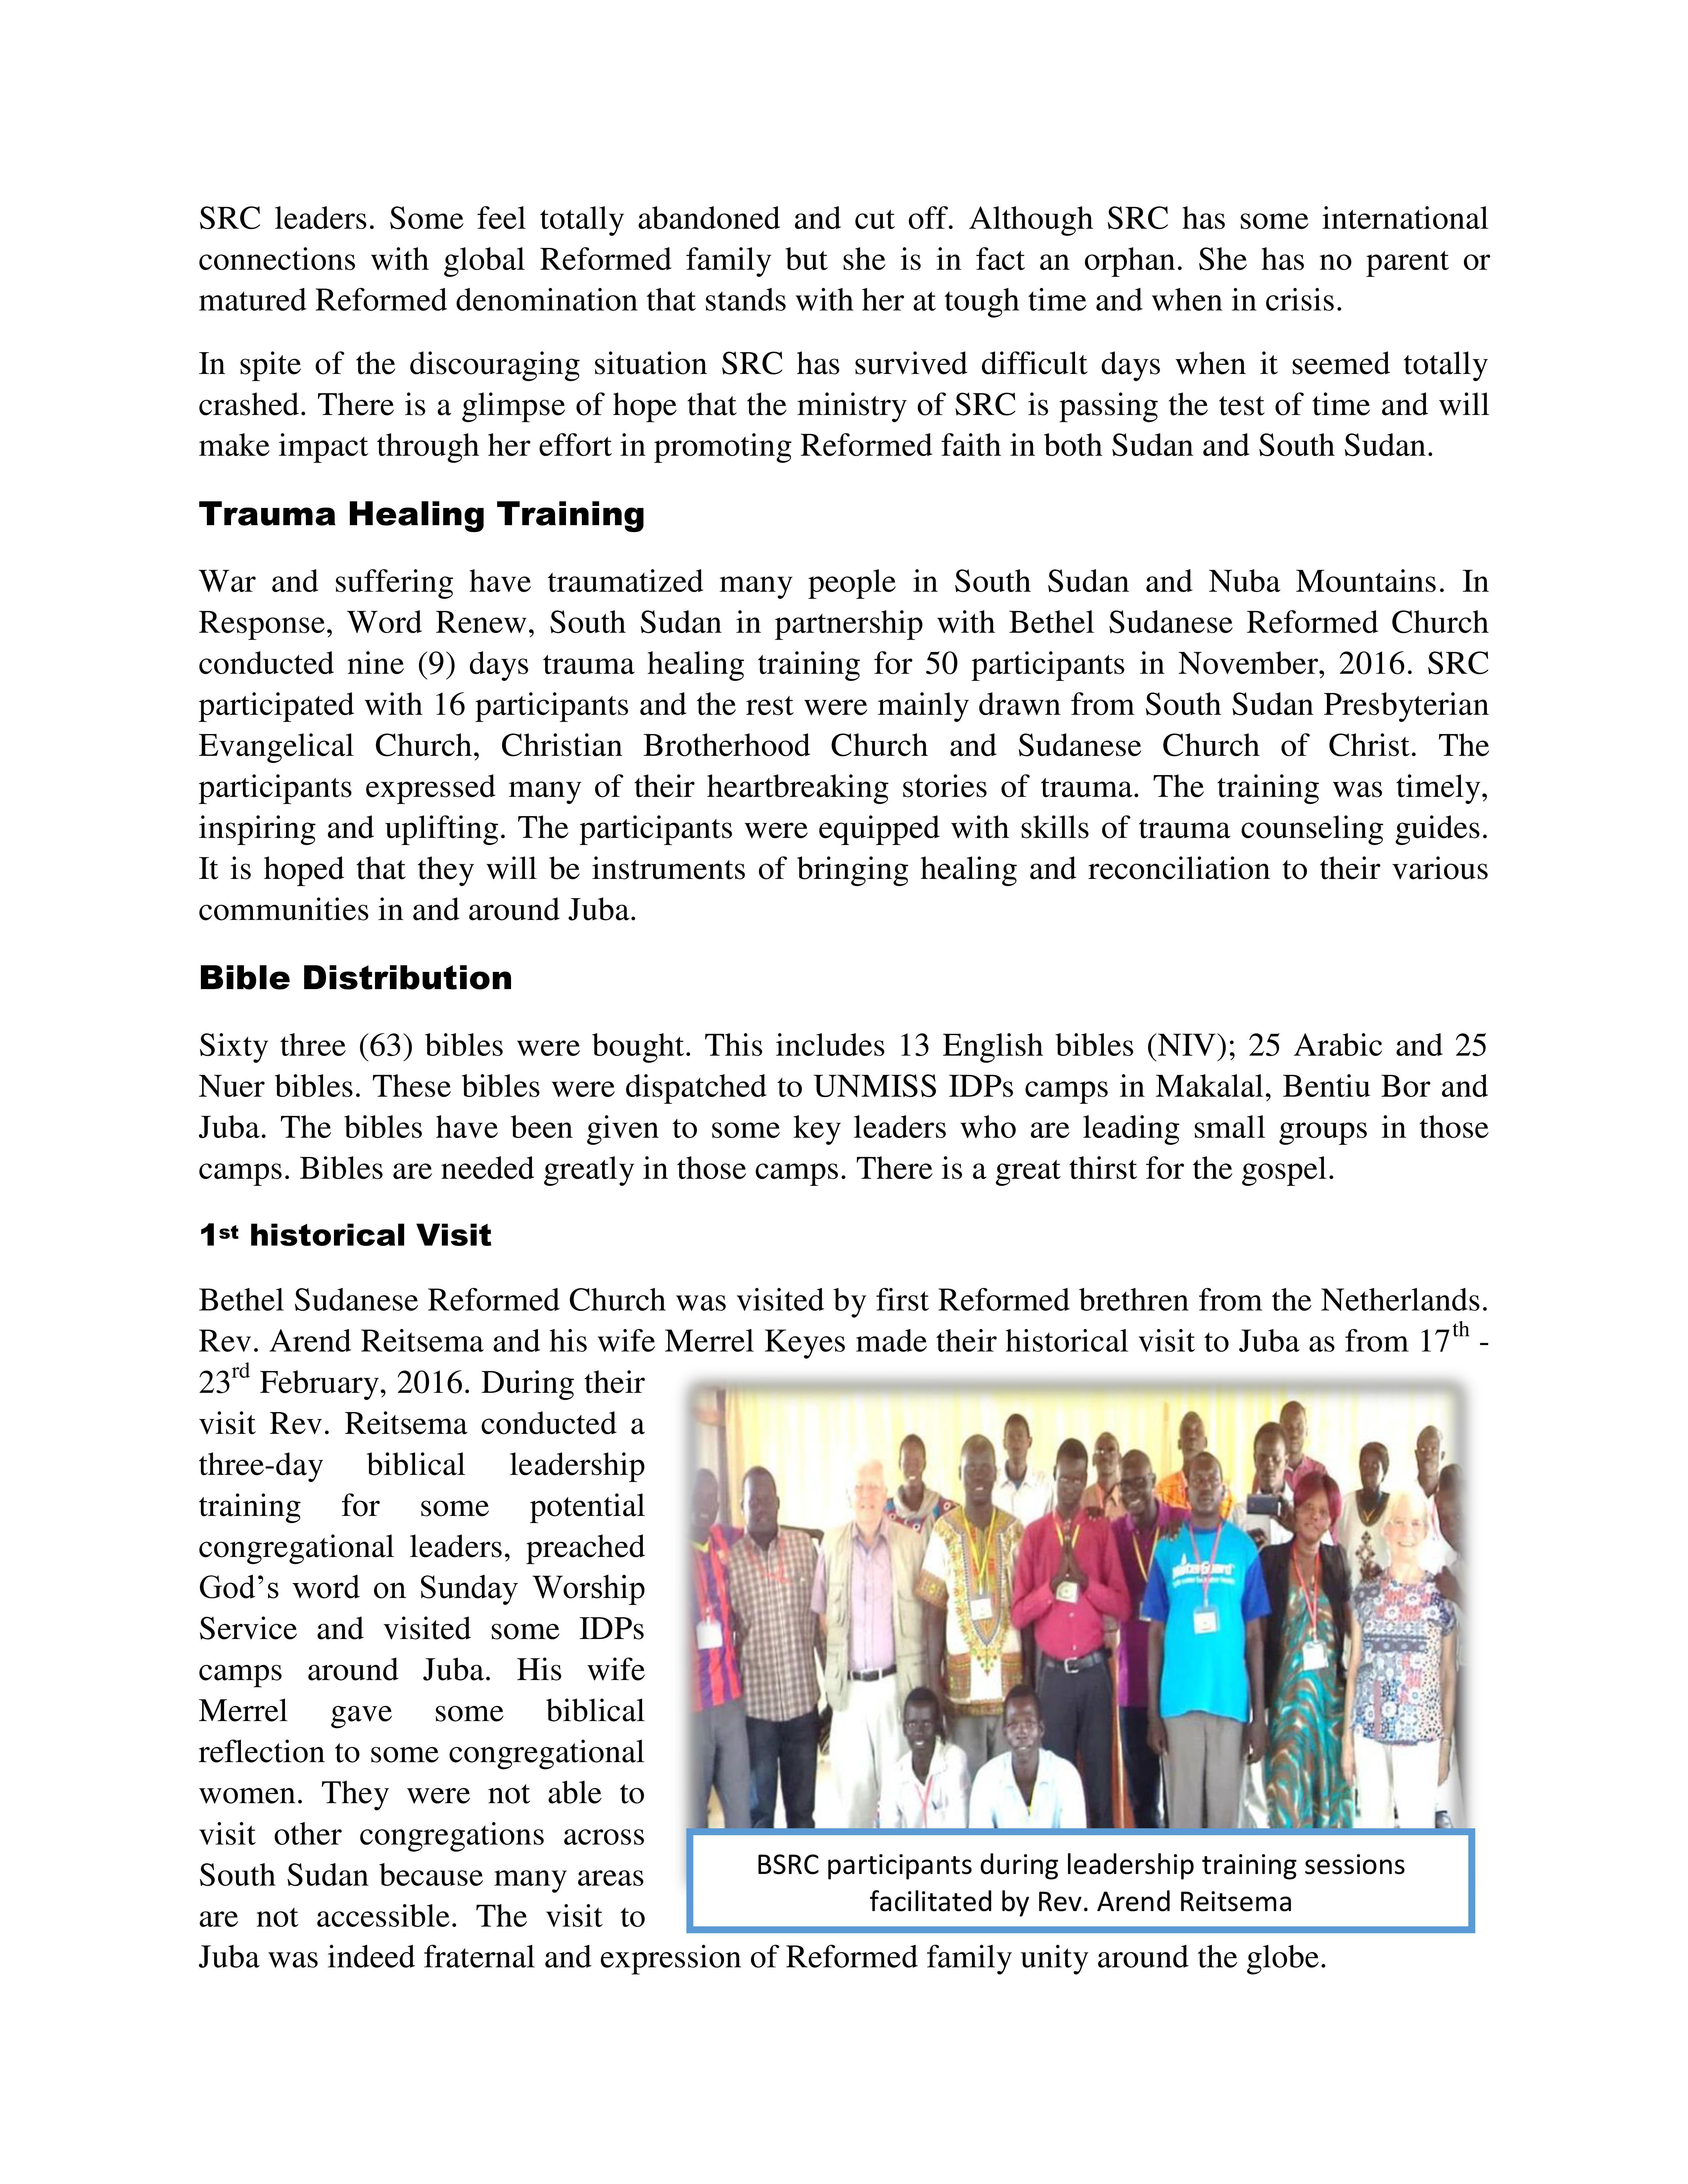 SRC '16 Page4